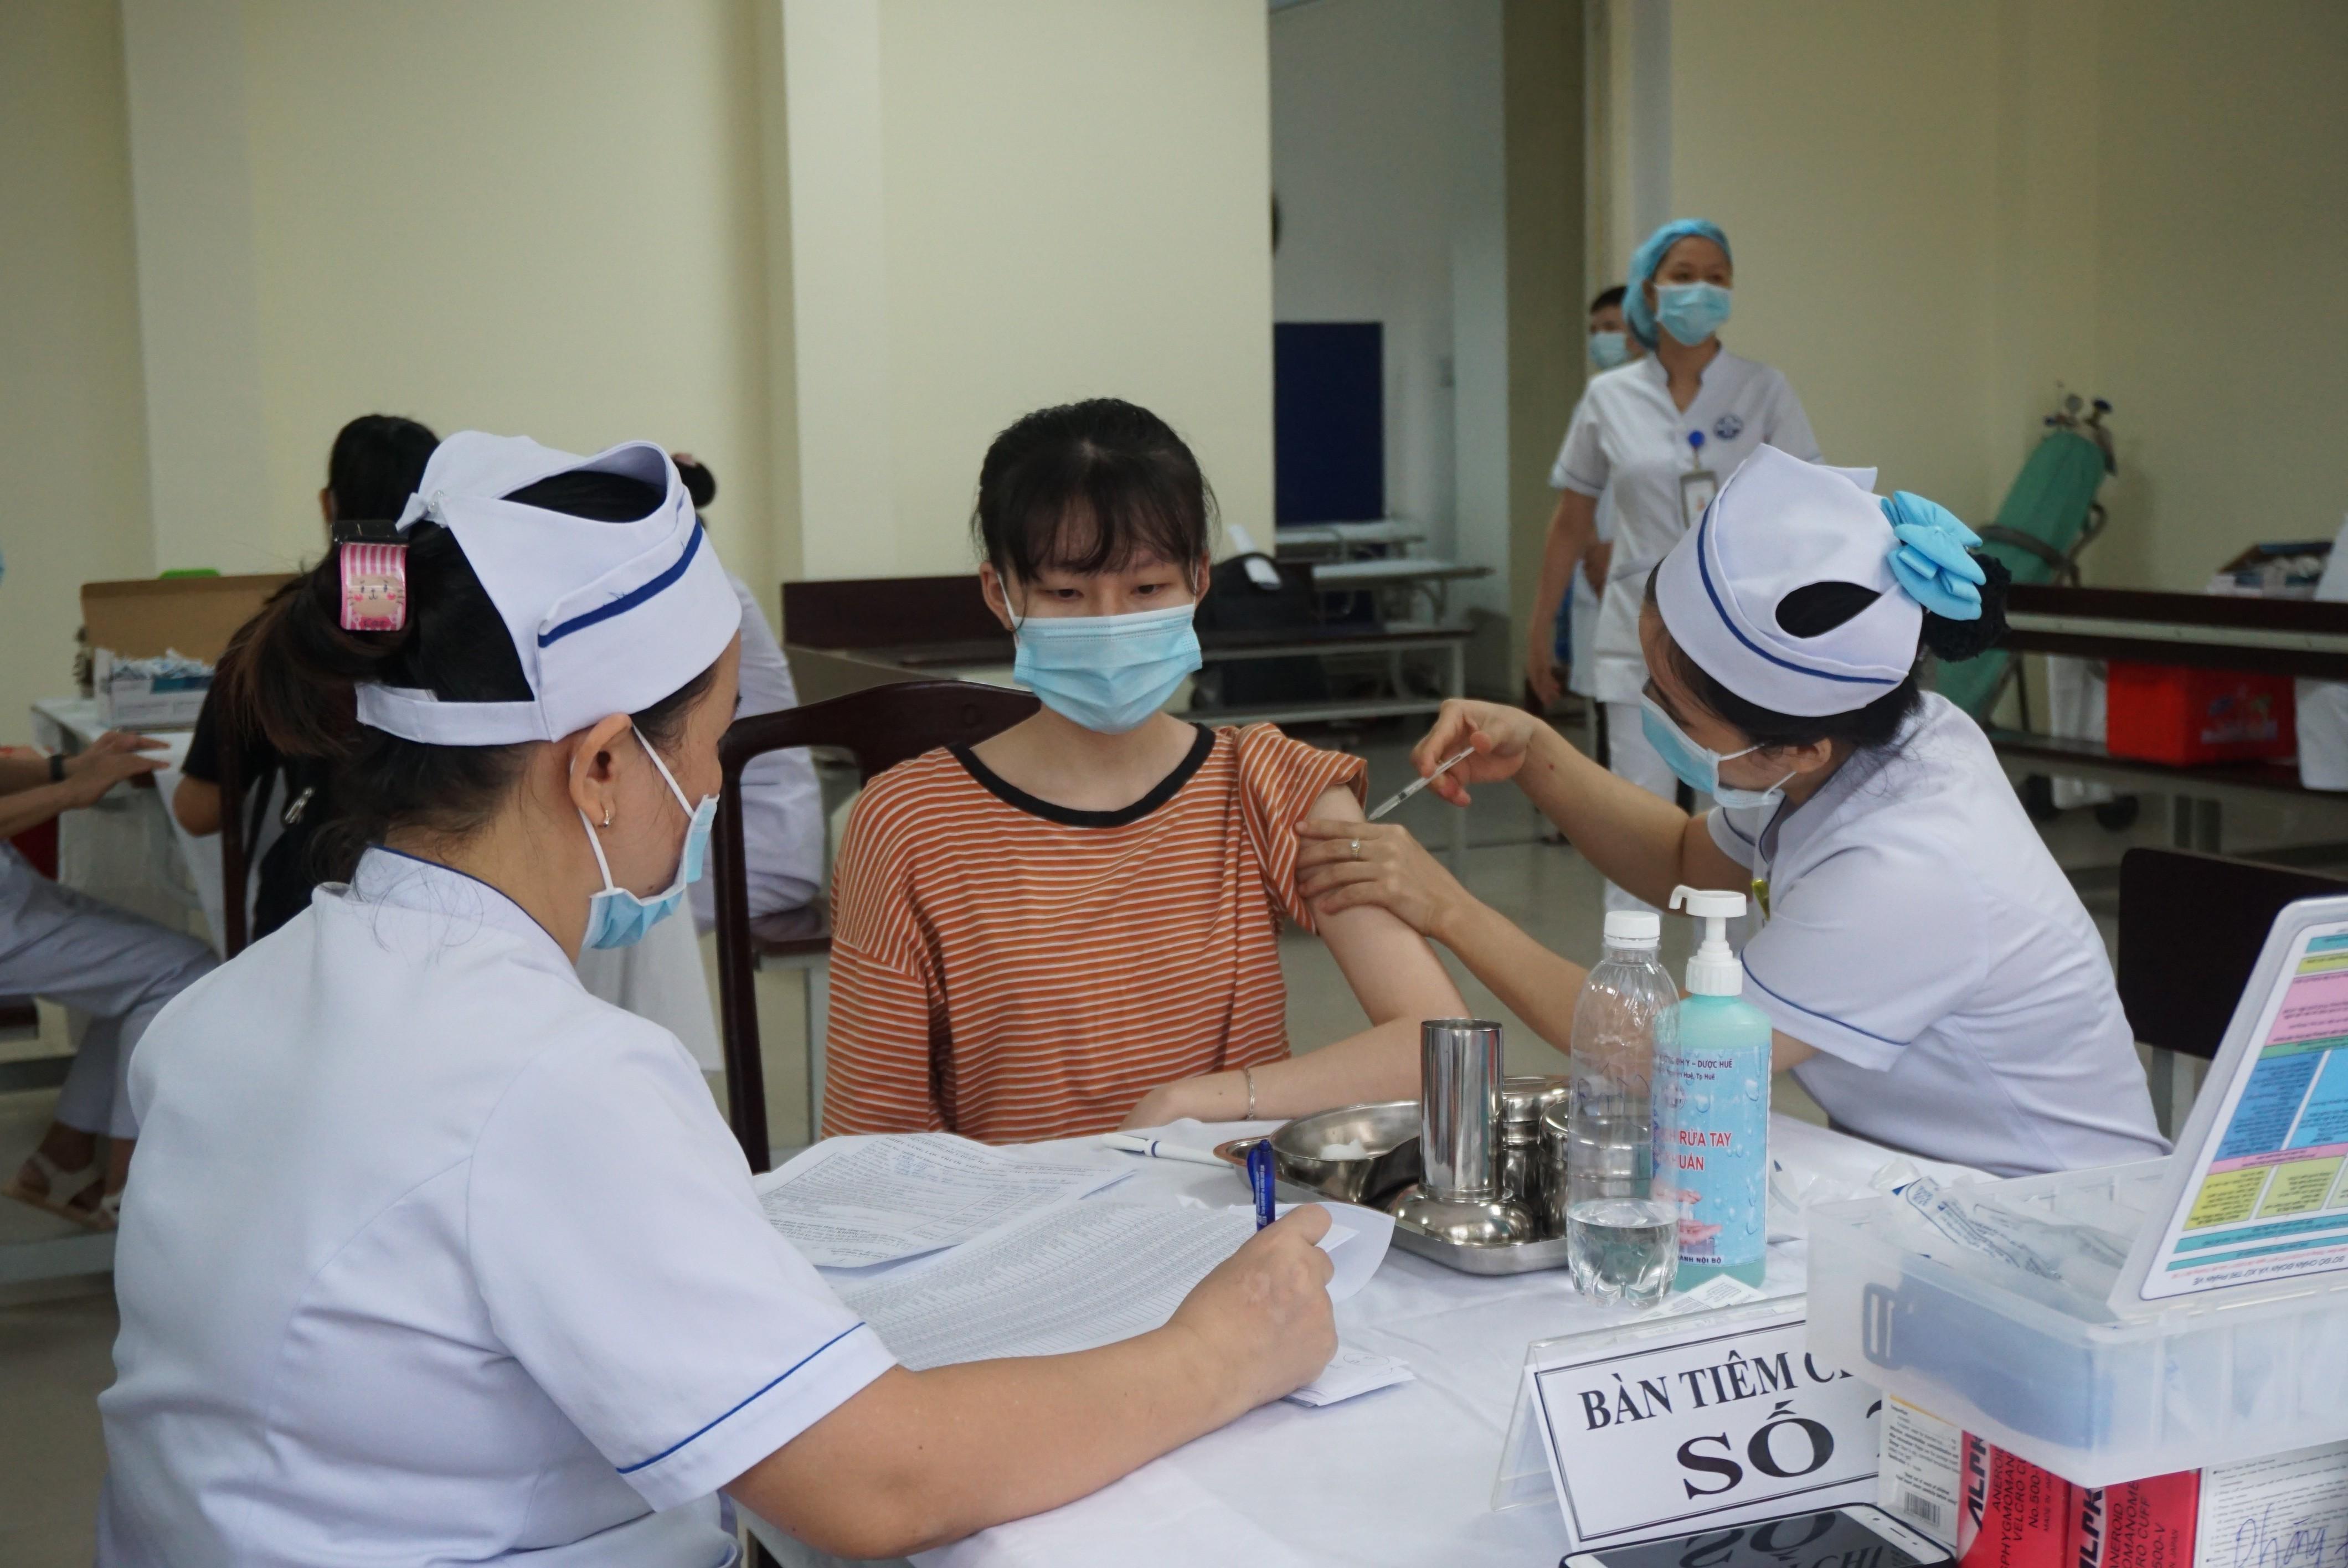 Bệnh viện Trường Đại học Y – Dược Huế triển khai tiêm chủng vaccine phòng COVID-19 đợt 2 cho các đối tượng ưu tiên